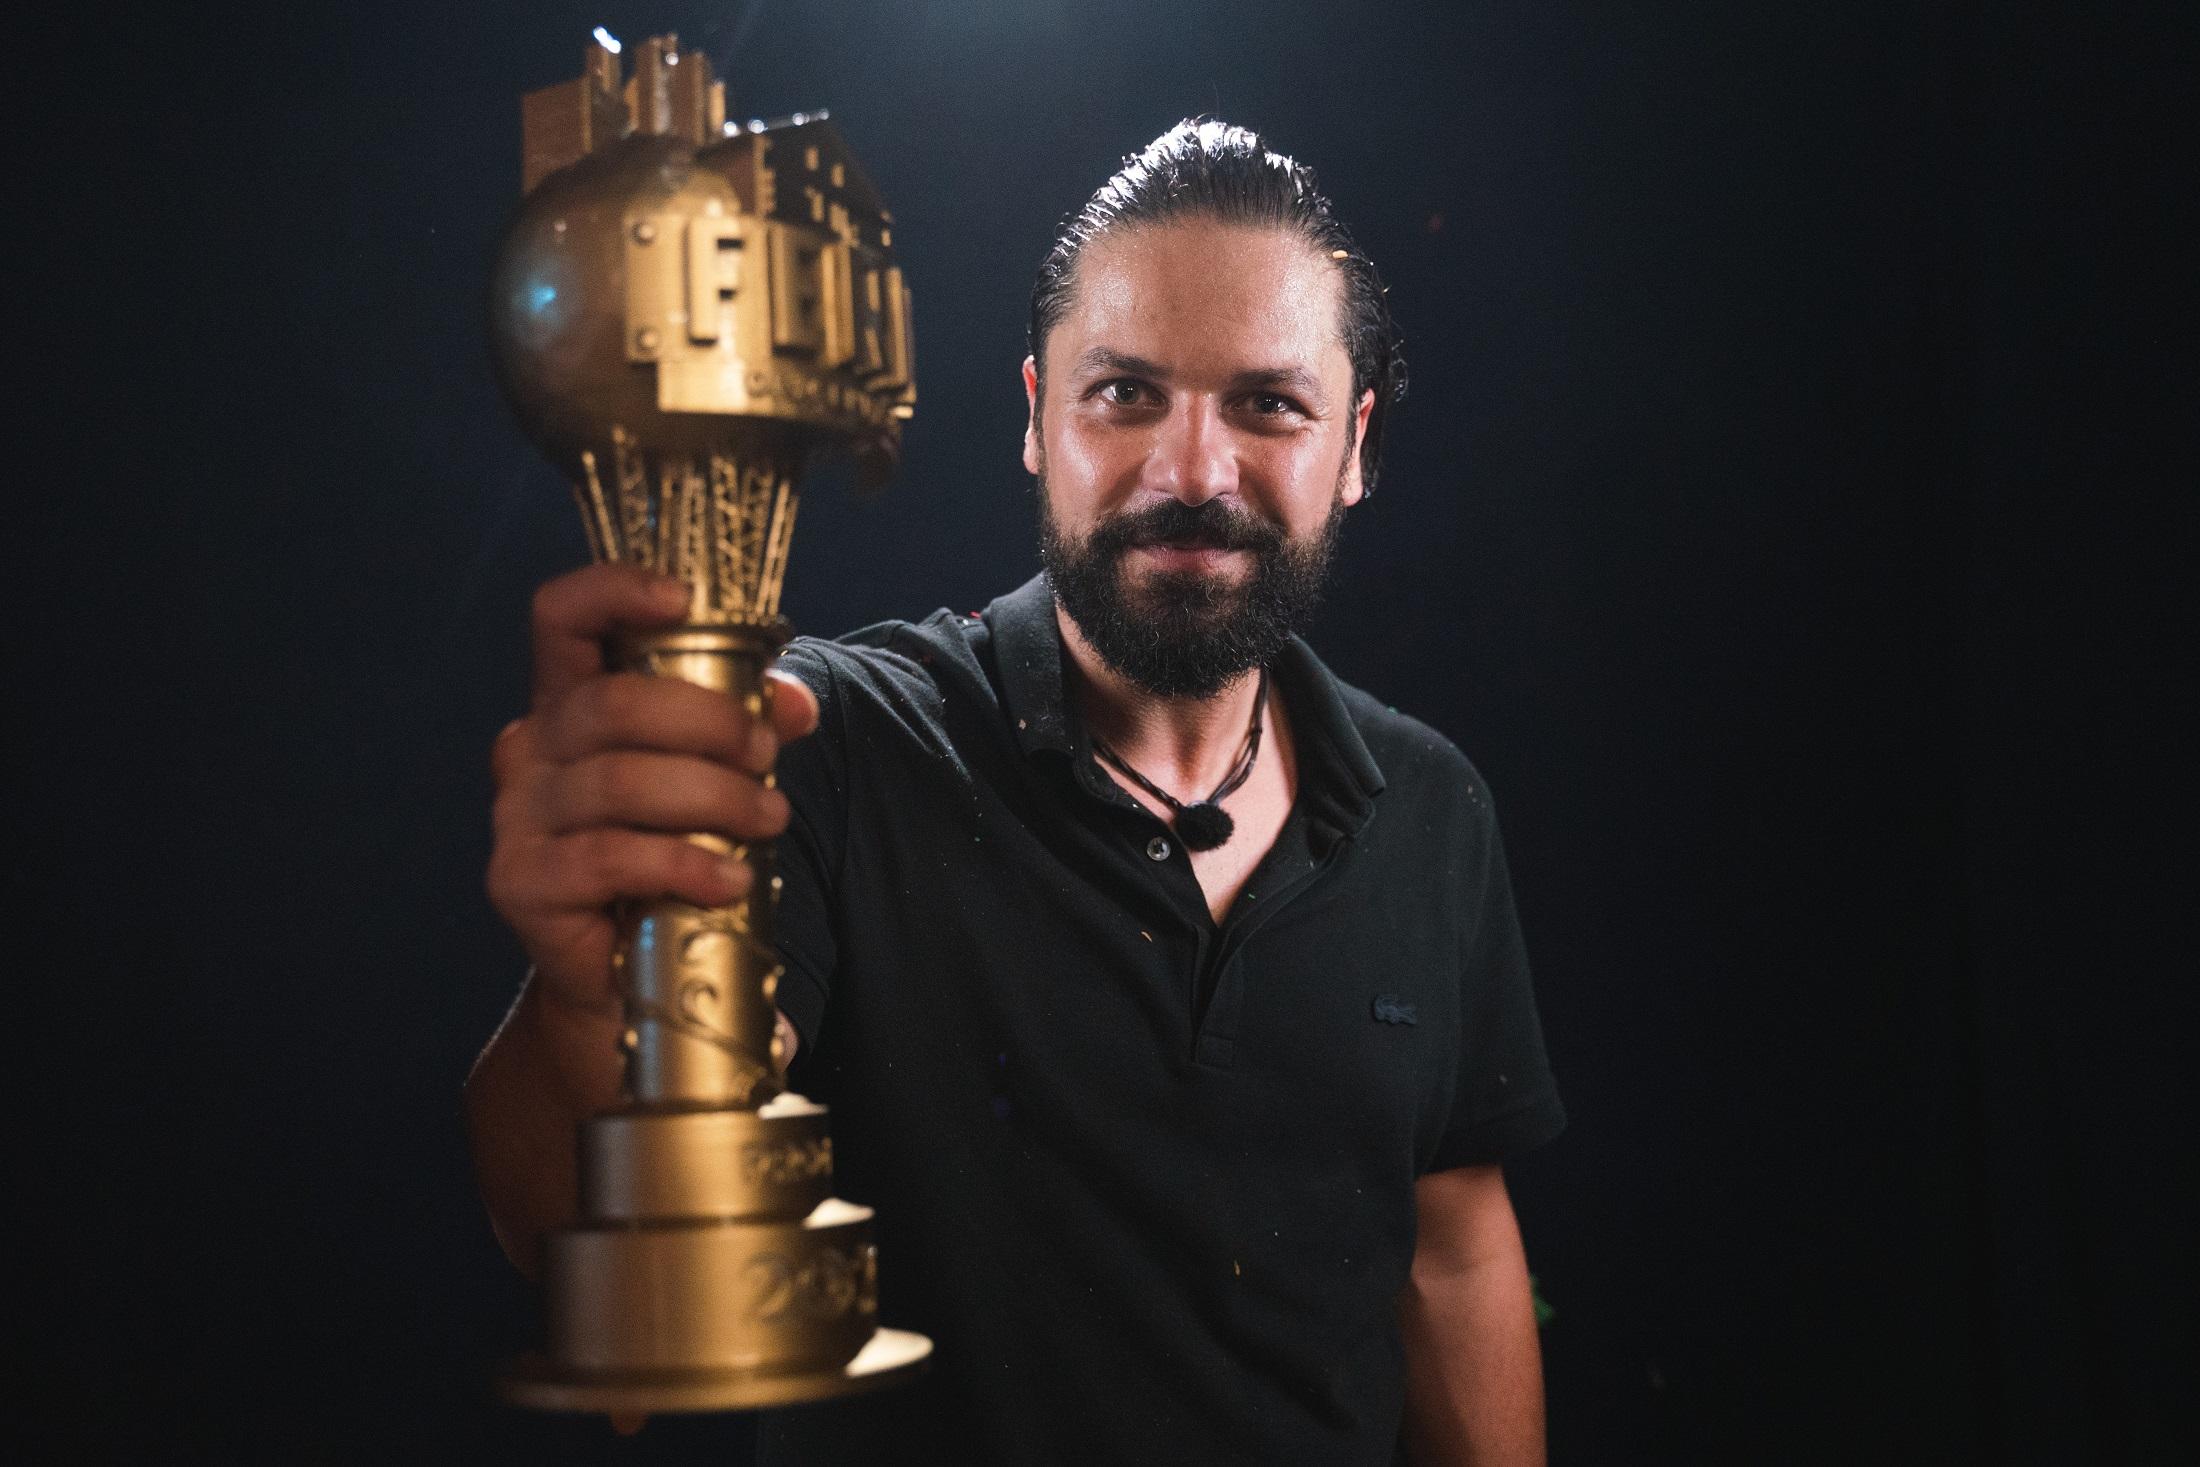 Ferma 2020. Augustin Viziru a câștigat marea finală și a obținut titlul de Fermierul Anului